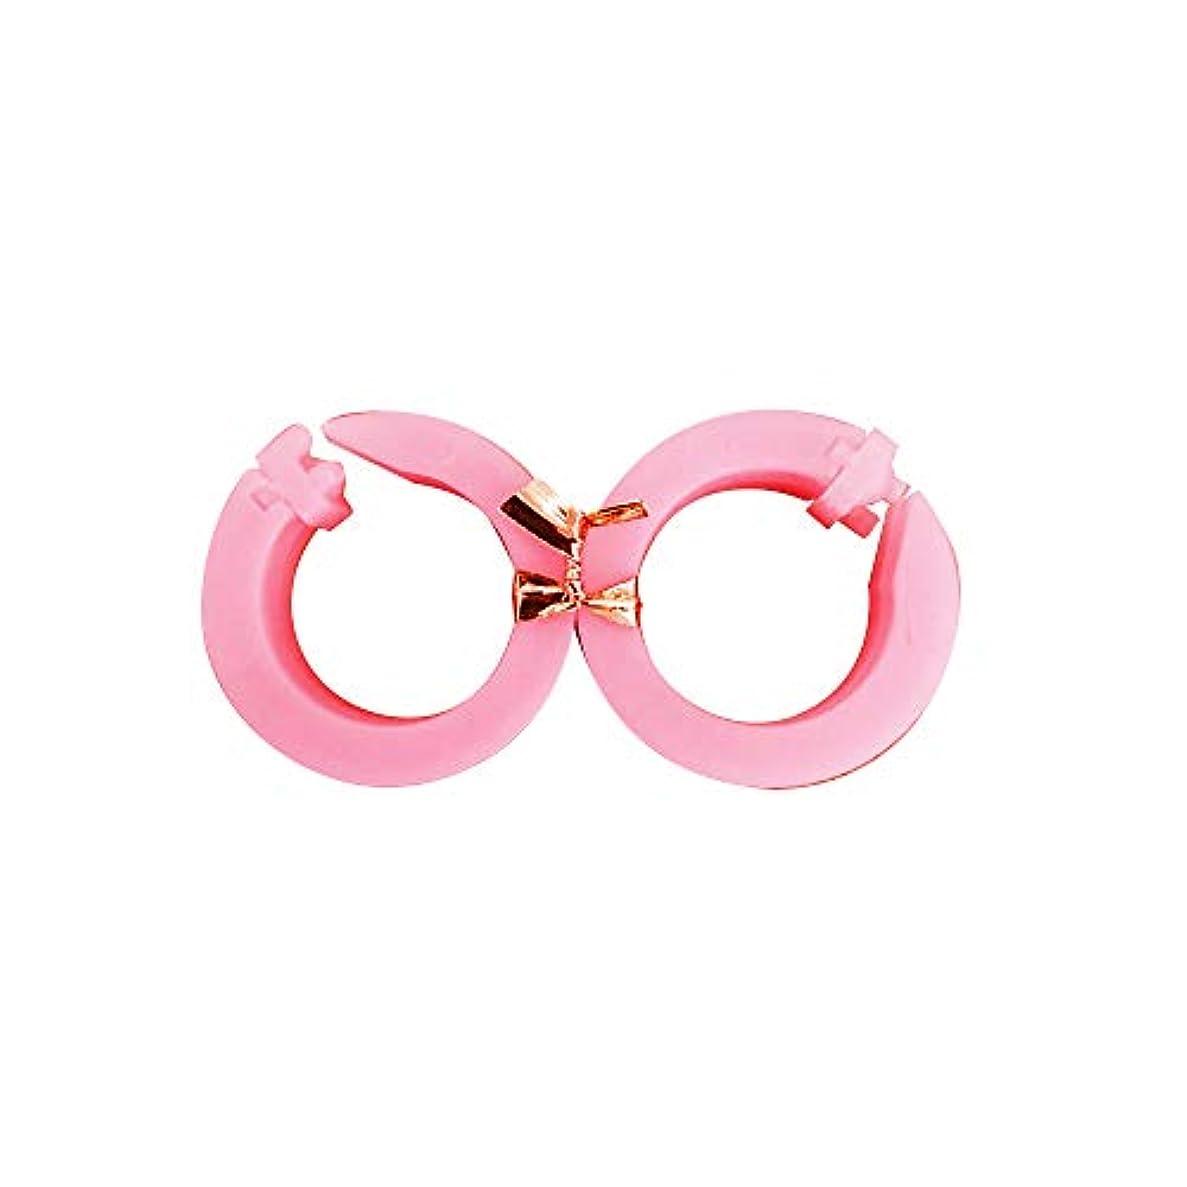 接触所有権マーチャンダイジング【サフランフィールド】 耳つぼ ダイエットリング 美容 耳つぼ美人 ピンク